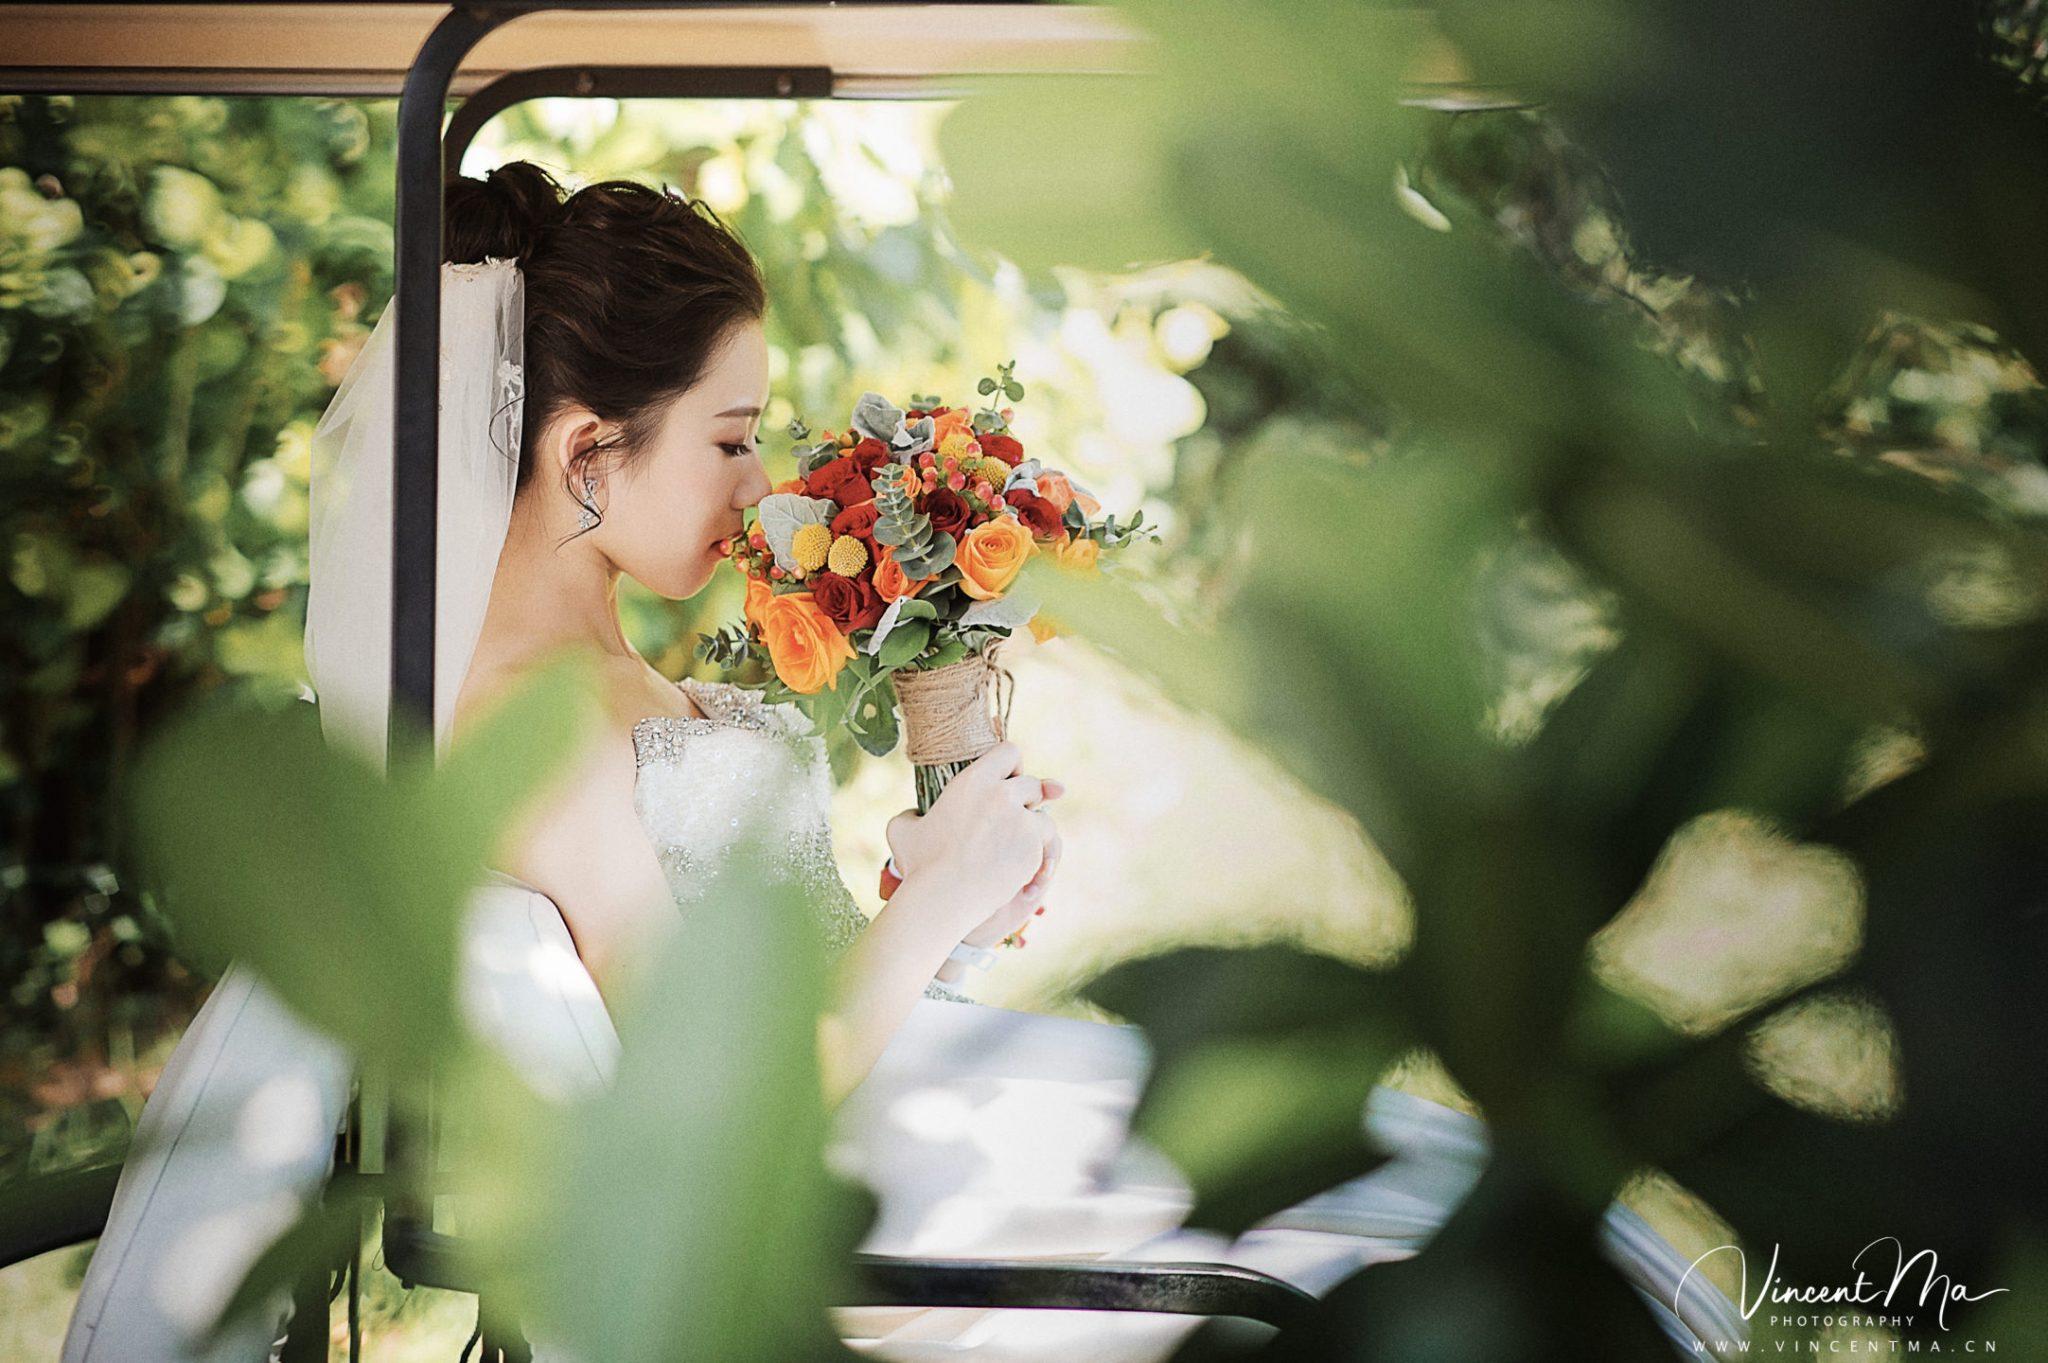 巴厘岛婚礼 北京婚礼纪实摄影 巴厘岛悦榕庄婚礼